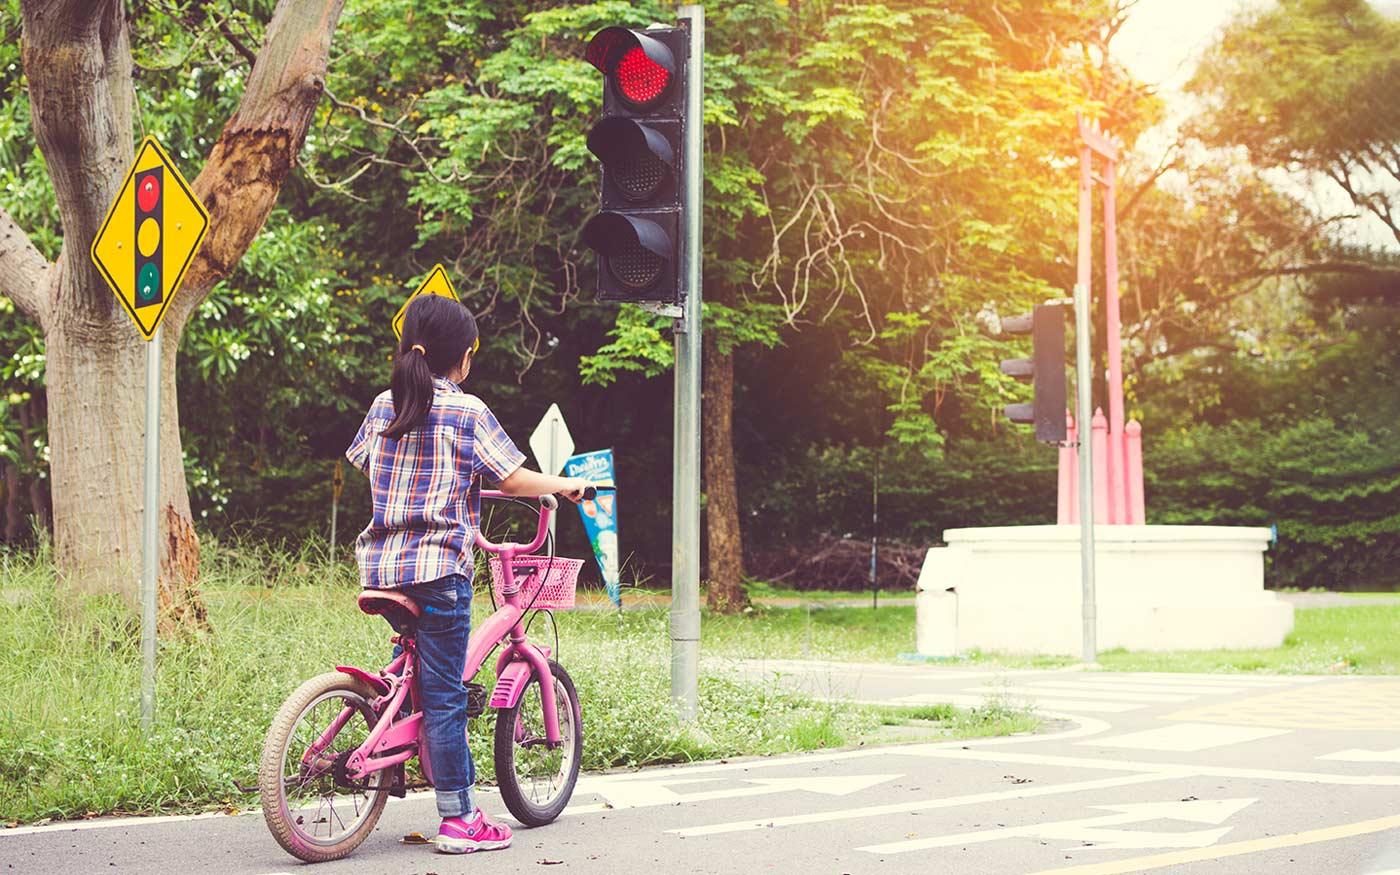 Közlekedési alapvizsga vár a gyerekekre